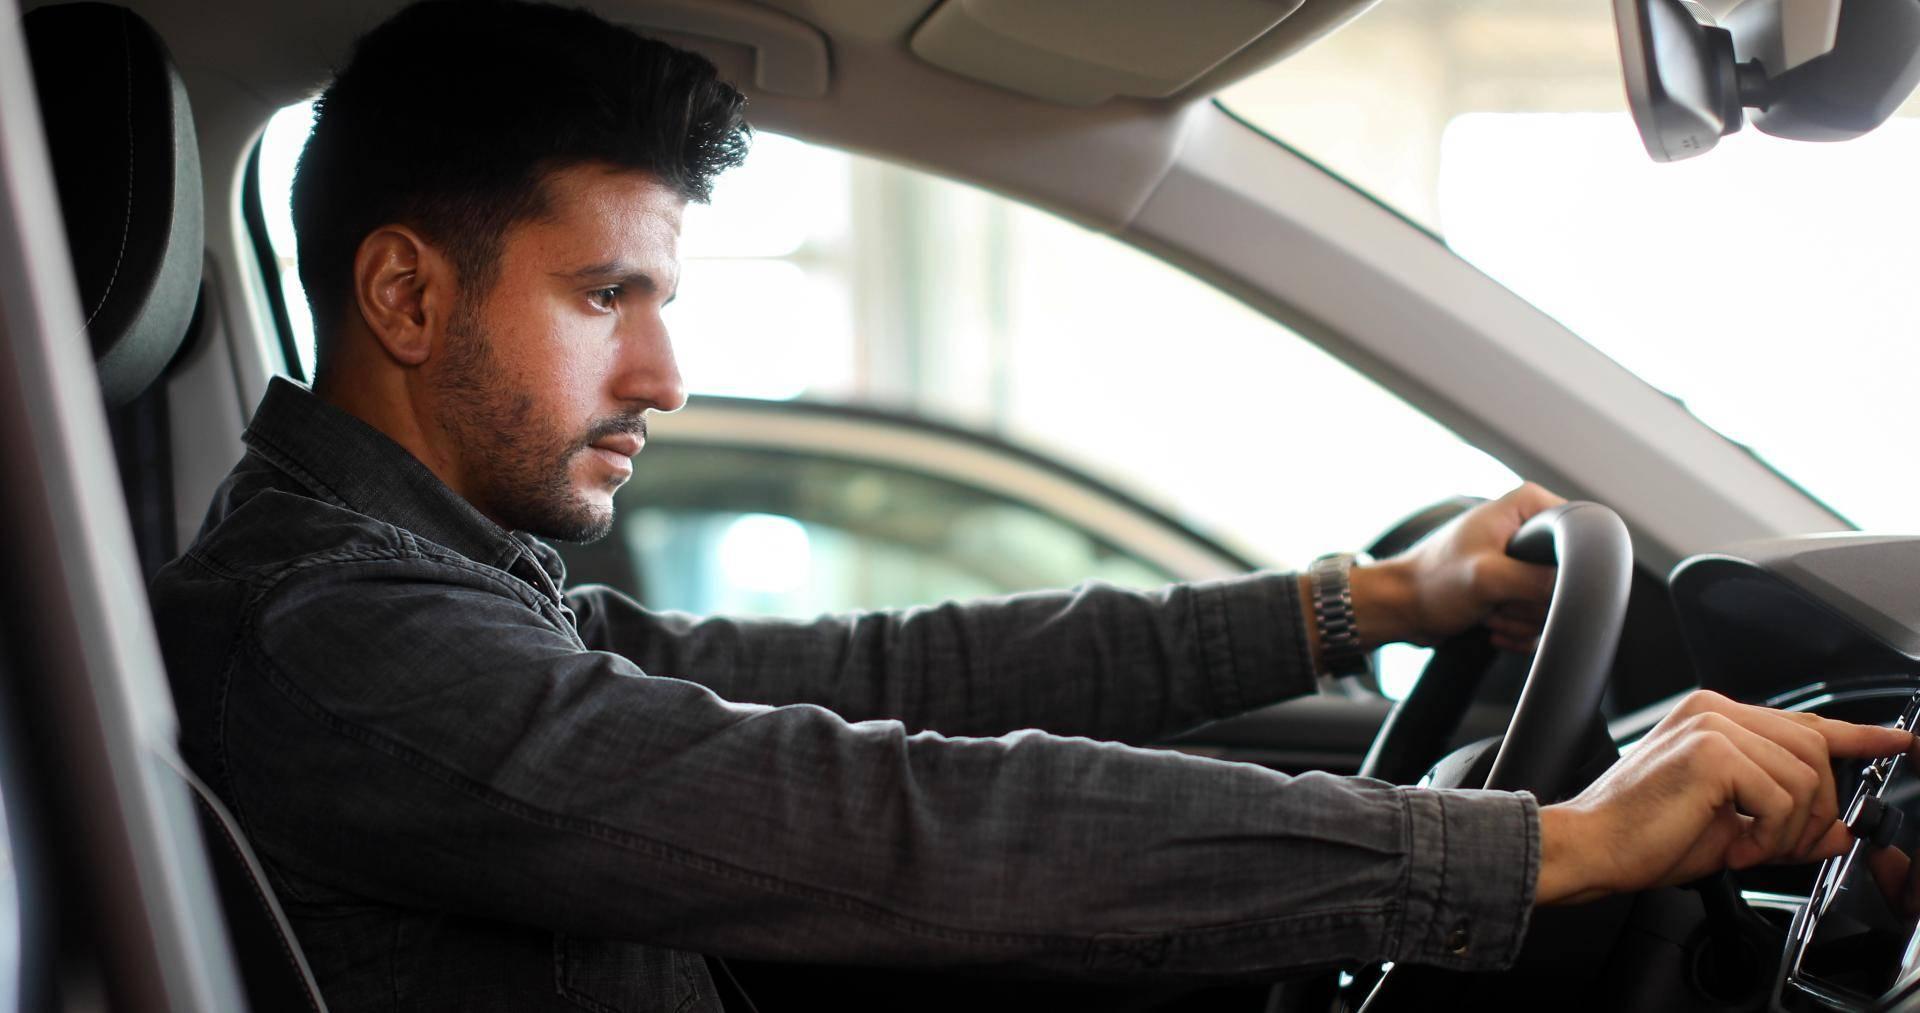 Alles was Sie über ''abgelenktes Fahren'' wissen müssen - Alles was Sie über abgelenktes Fahren wissen müssen